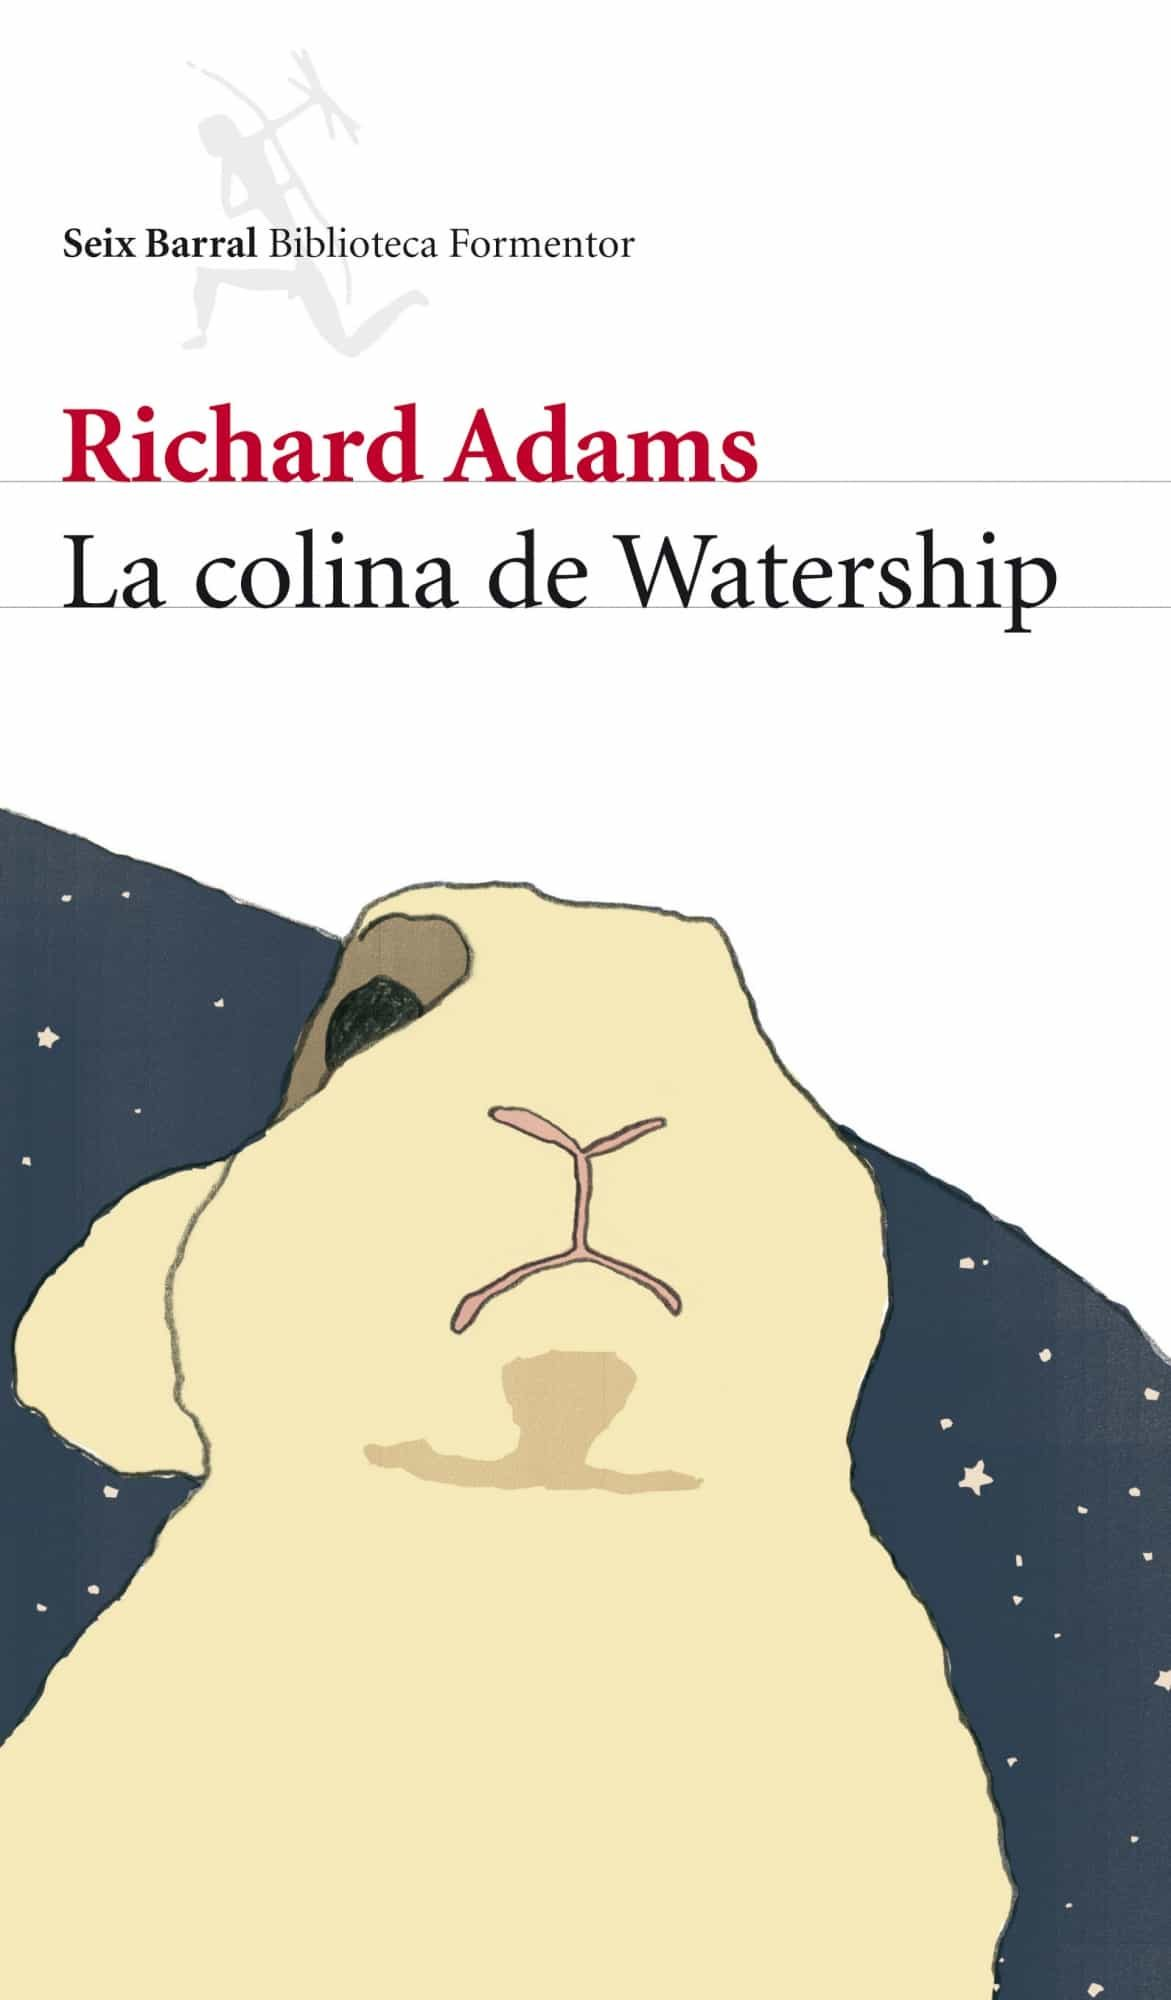 la colina de watership-richard adams-9788432228544